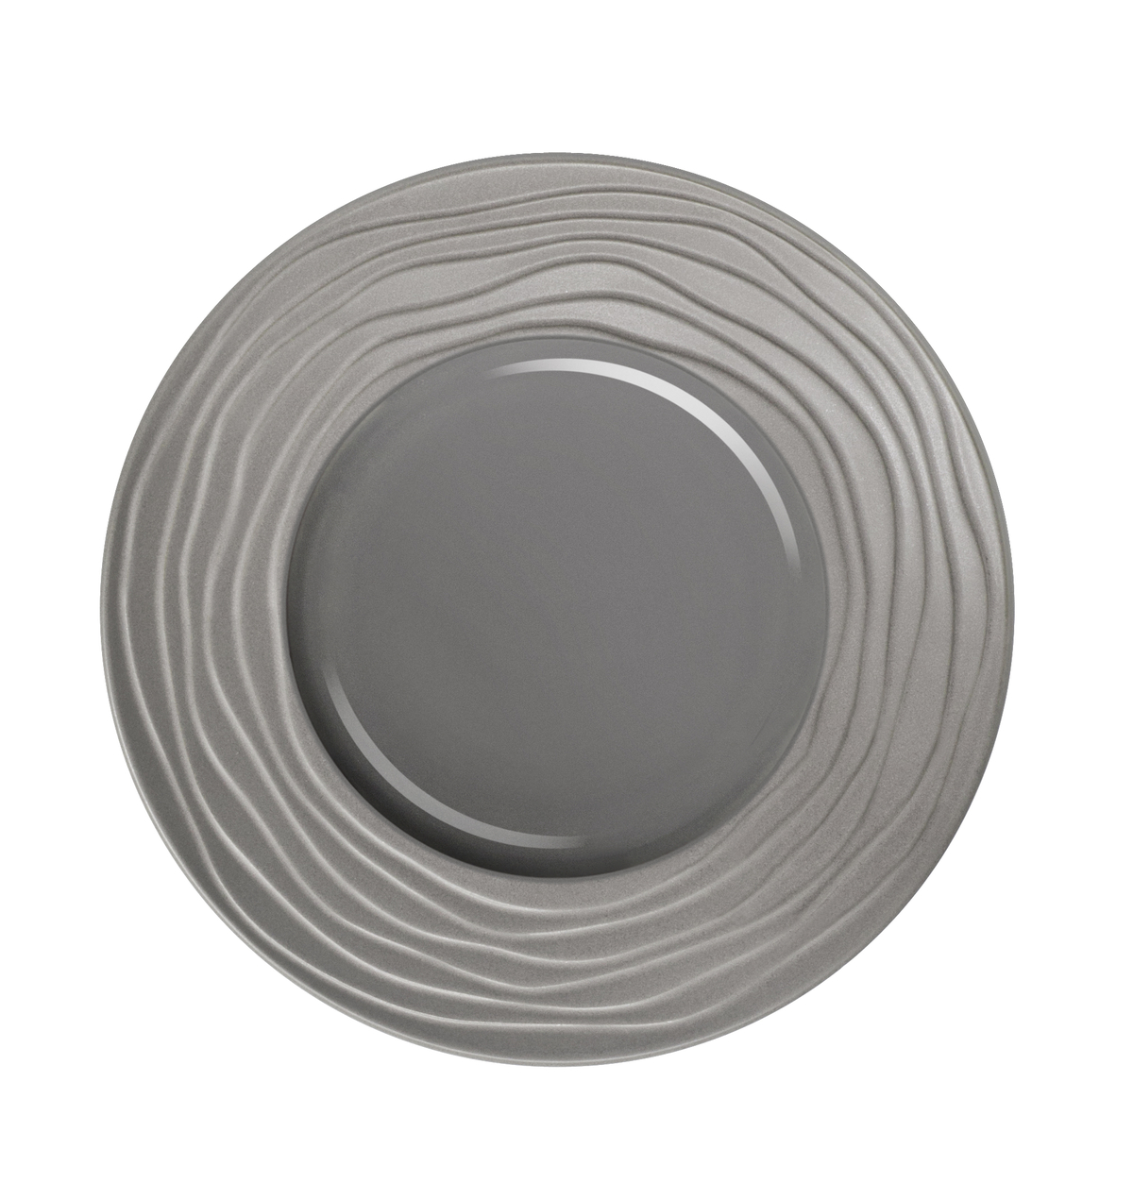 Assiette plate ronde gris grès Ø 31,50 cm Escale Medard De Noblat